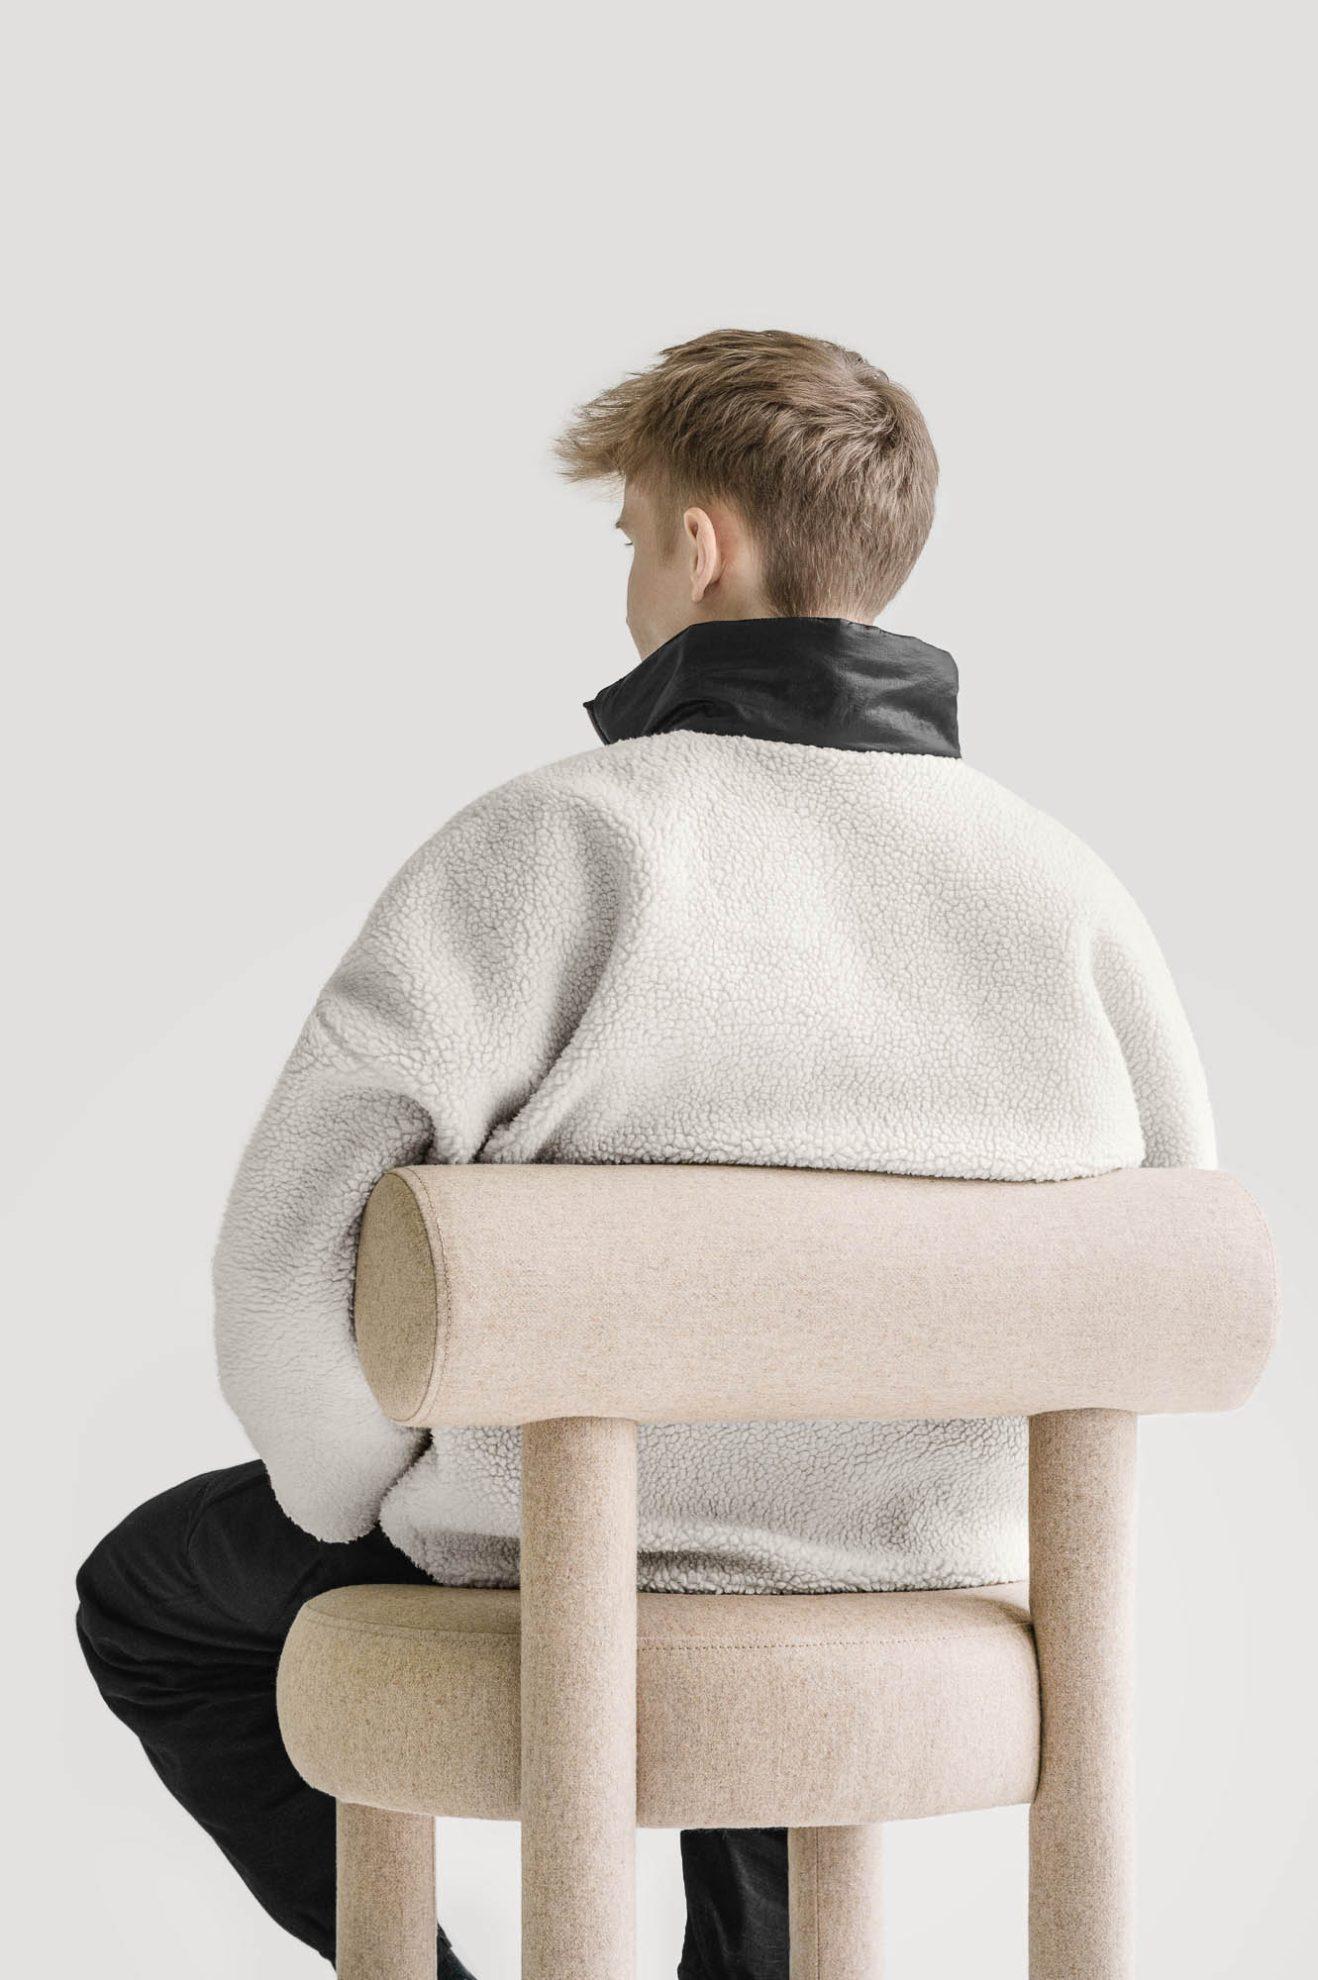 Chair Gropius CS1 by Noom 2